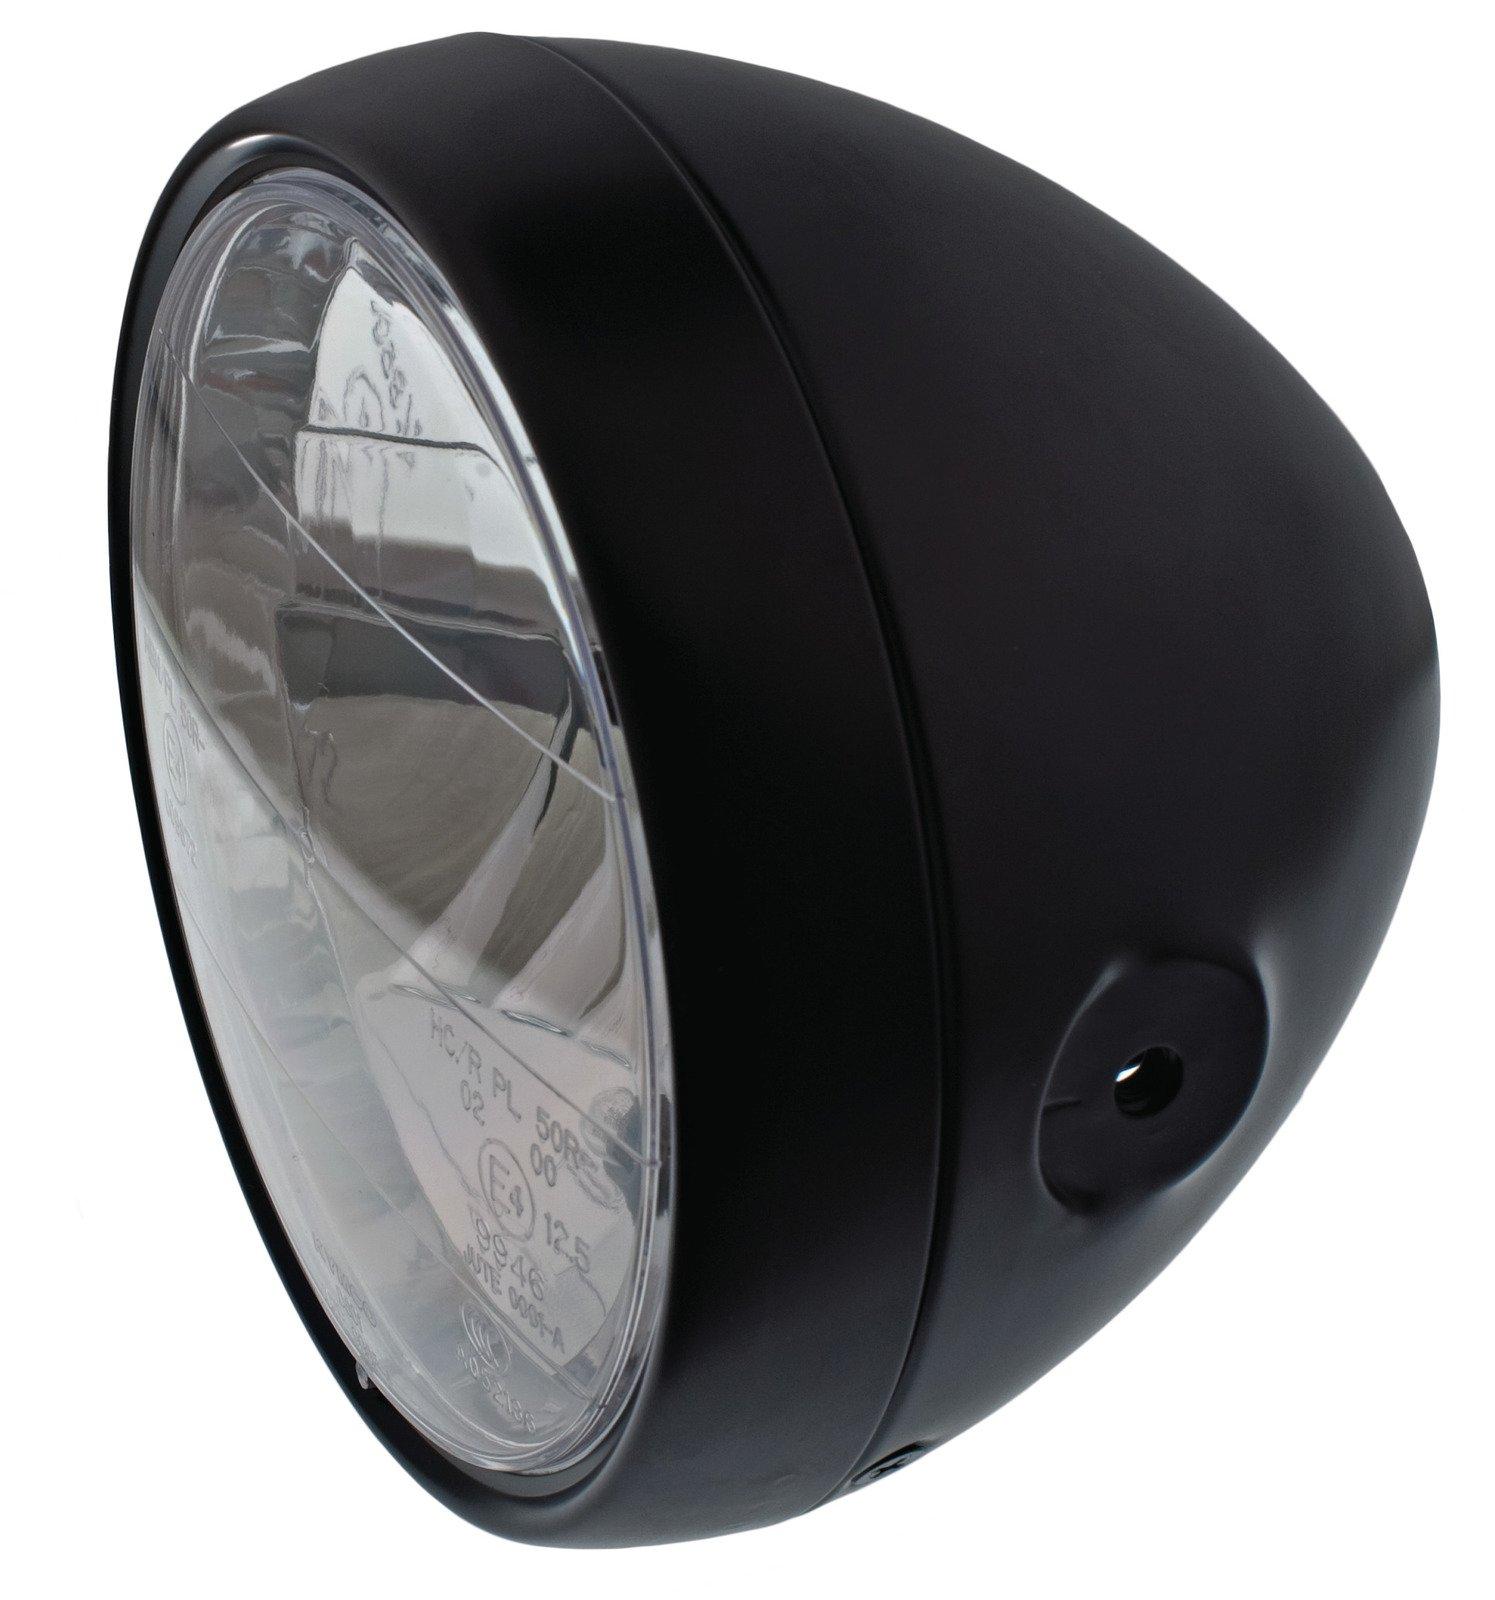 Yamaha SR500 Matt Black Café Headlight w/ Metal Housing & H4 Lens